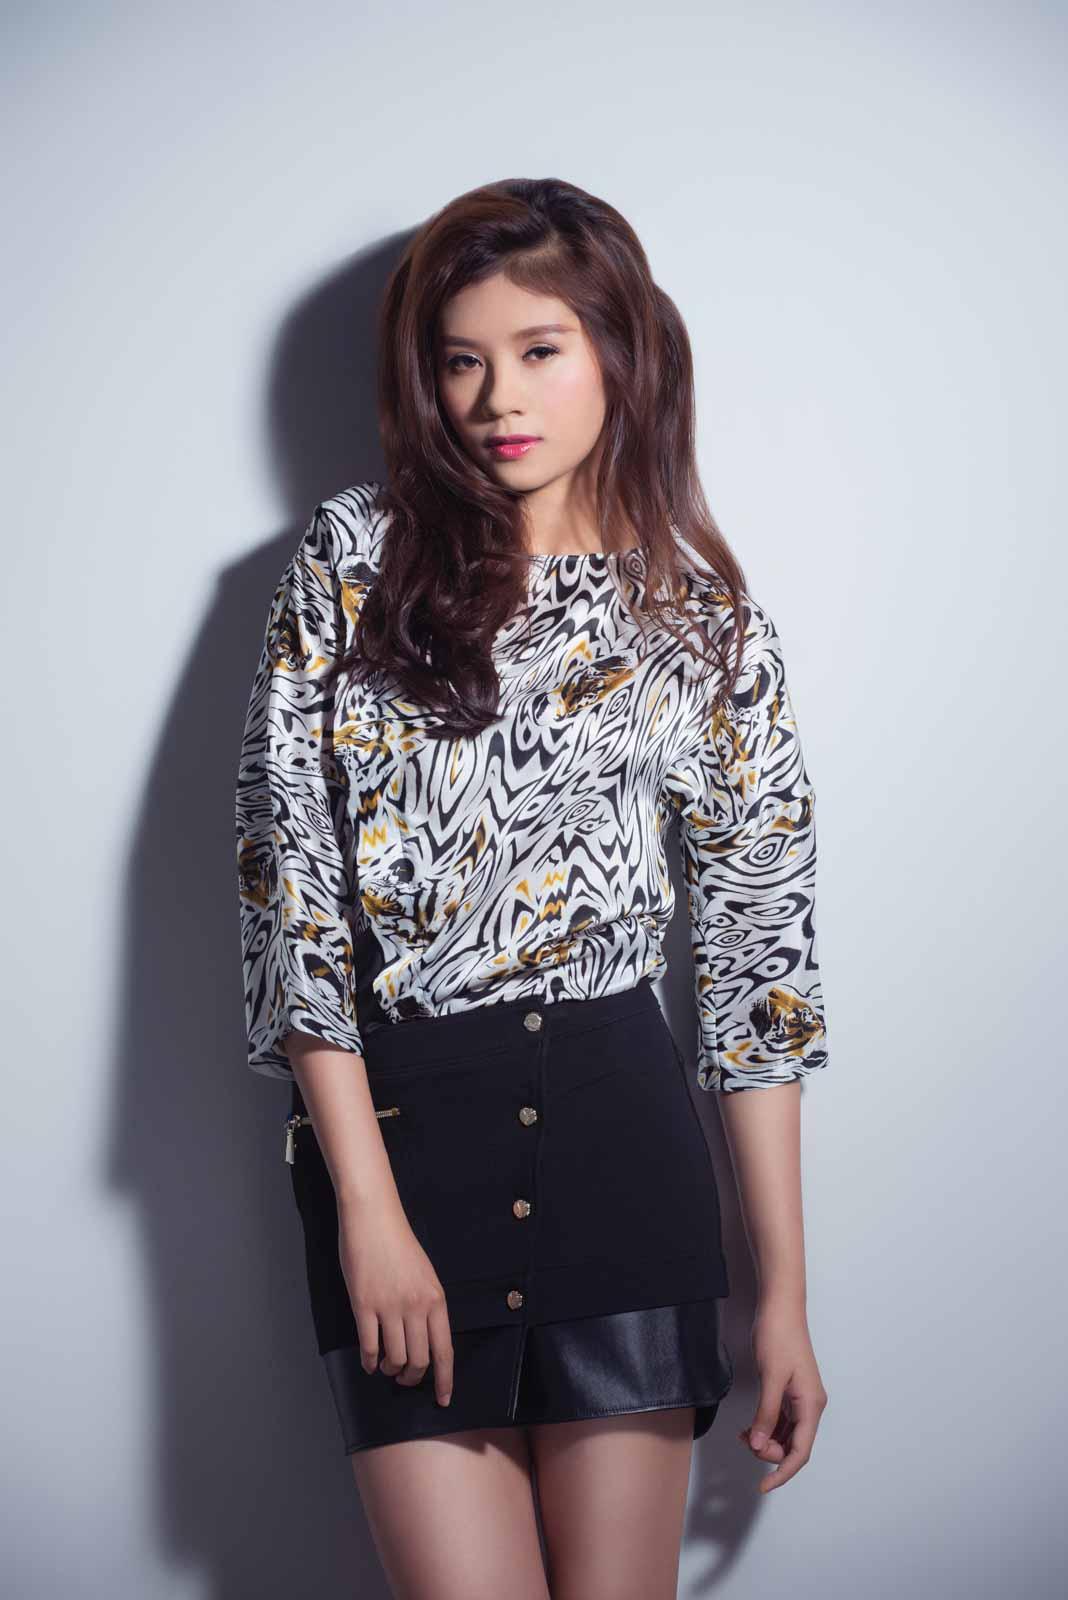 Phong-cach-noi-loan-TT-621-2015-2